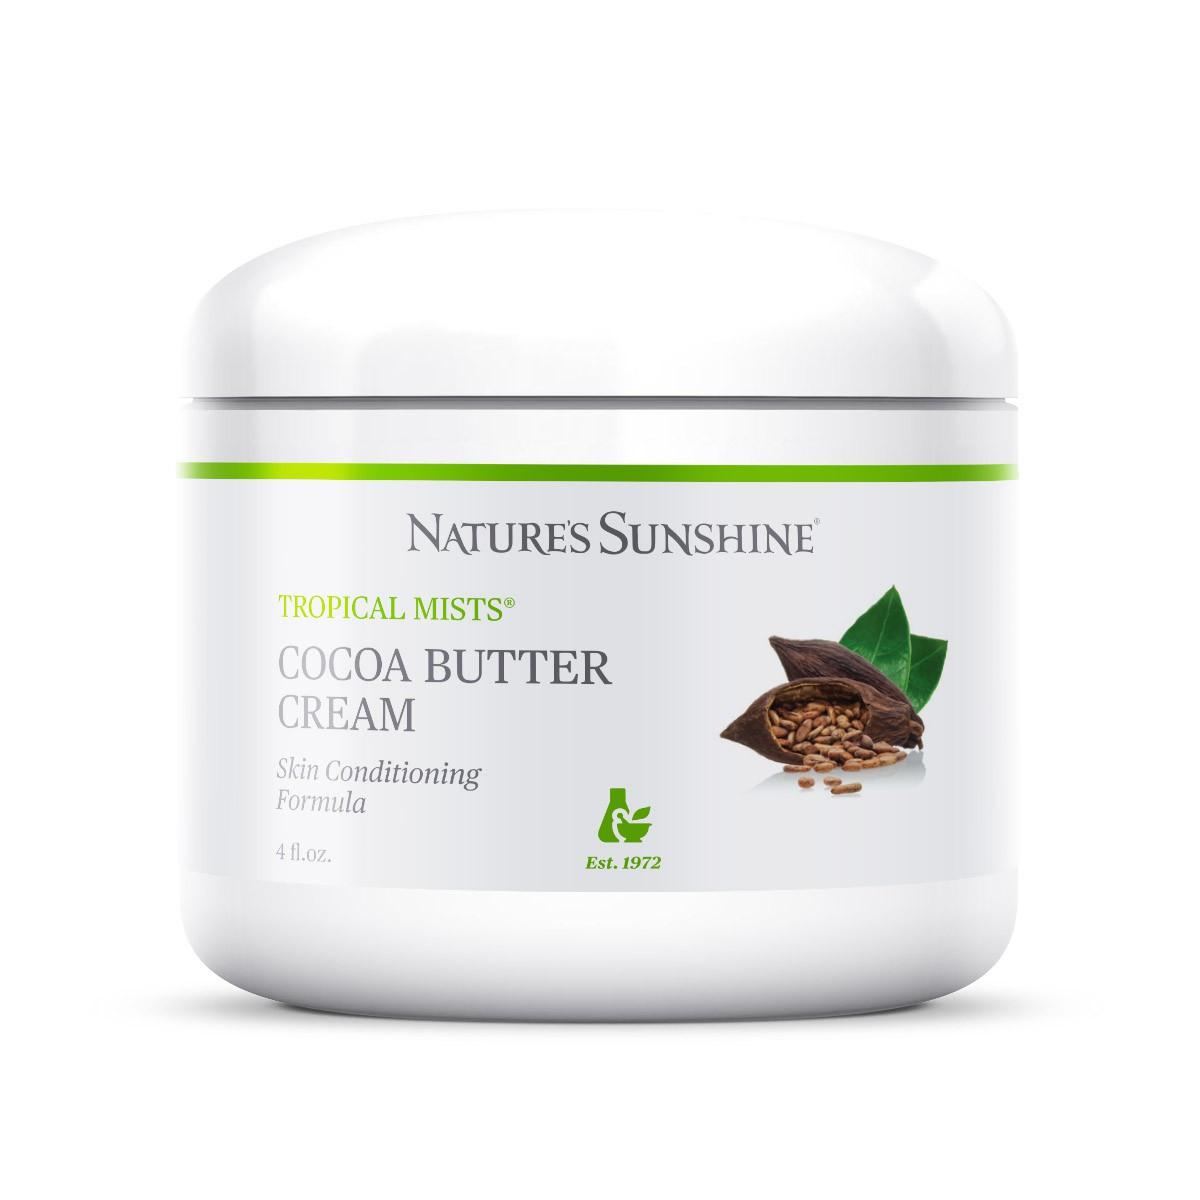 Cocoa Butter Cream. Крем з маслом какао живильний для обличчя і тіла, НСП, NSP, США. Для проблемної шкіри.